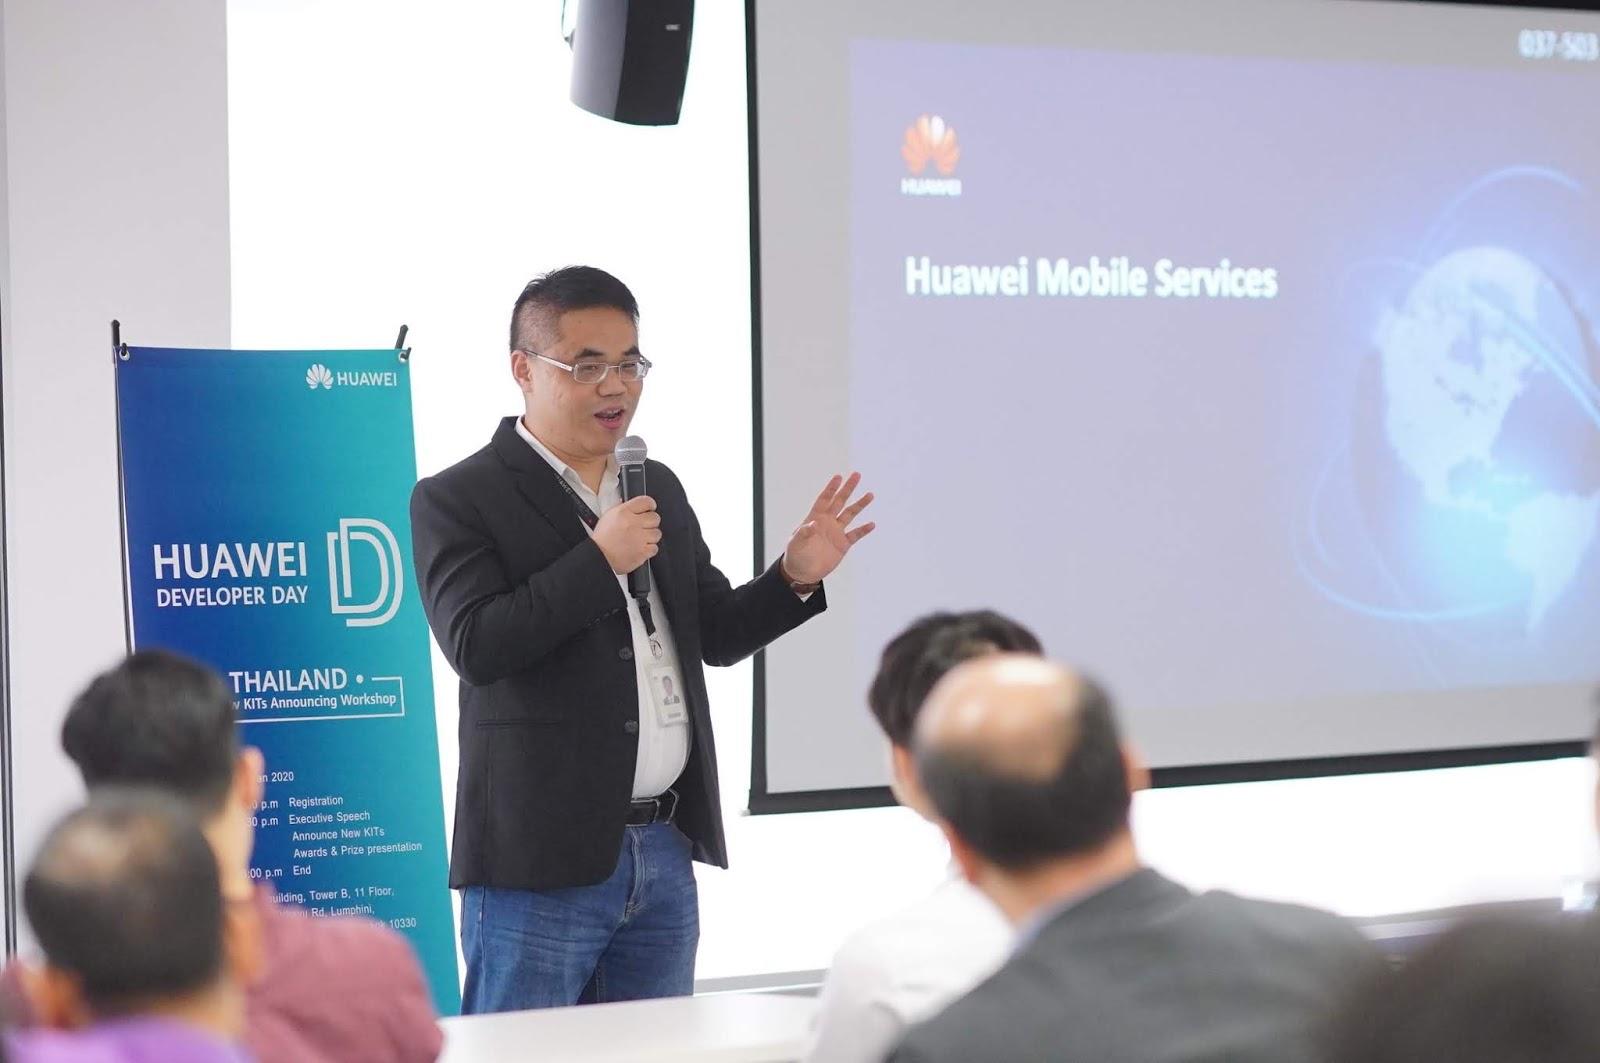 """Huawei จัดเวิร์คช้อป """"Huawei Developer Day"""" ยกระดับการพัฒนาแอปที่ดียิ่งกว่าพร้อมมอบรางวัลแก่นักพัฒนาแทนคำขอบคุณสำหรับการสนับสนุน HMS"""